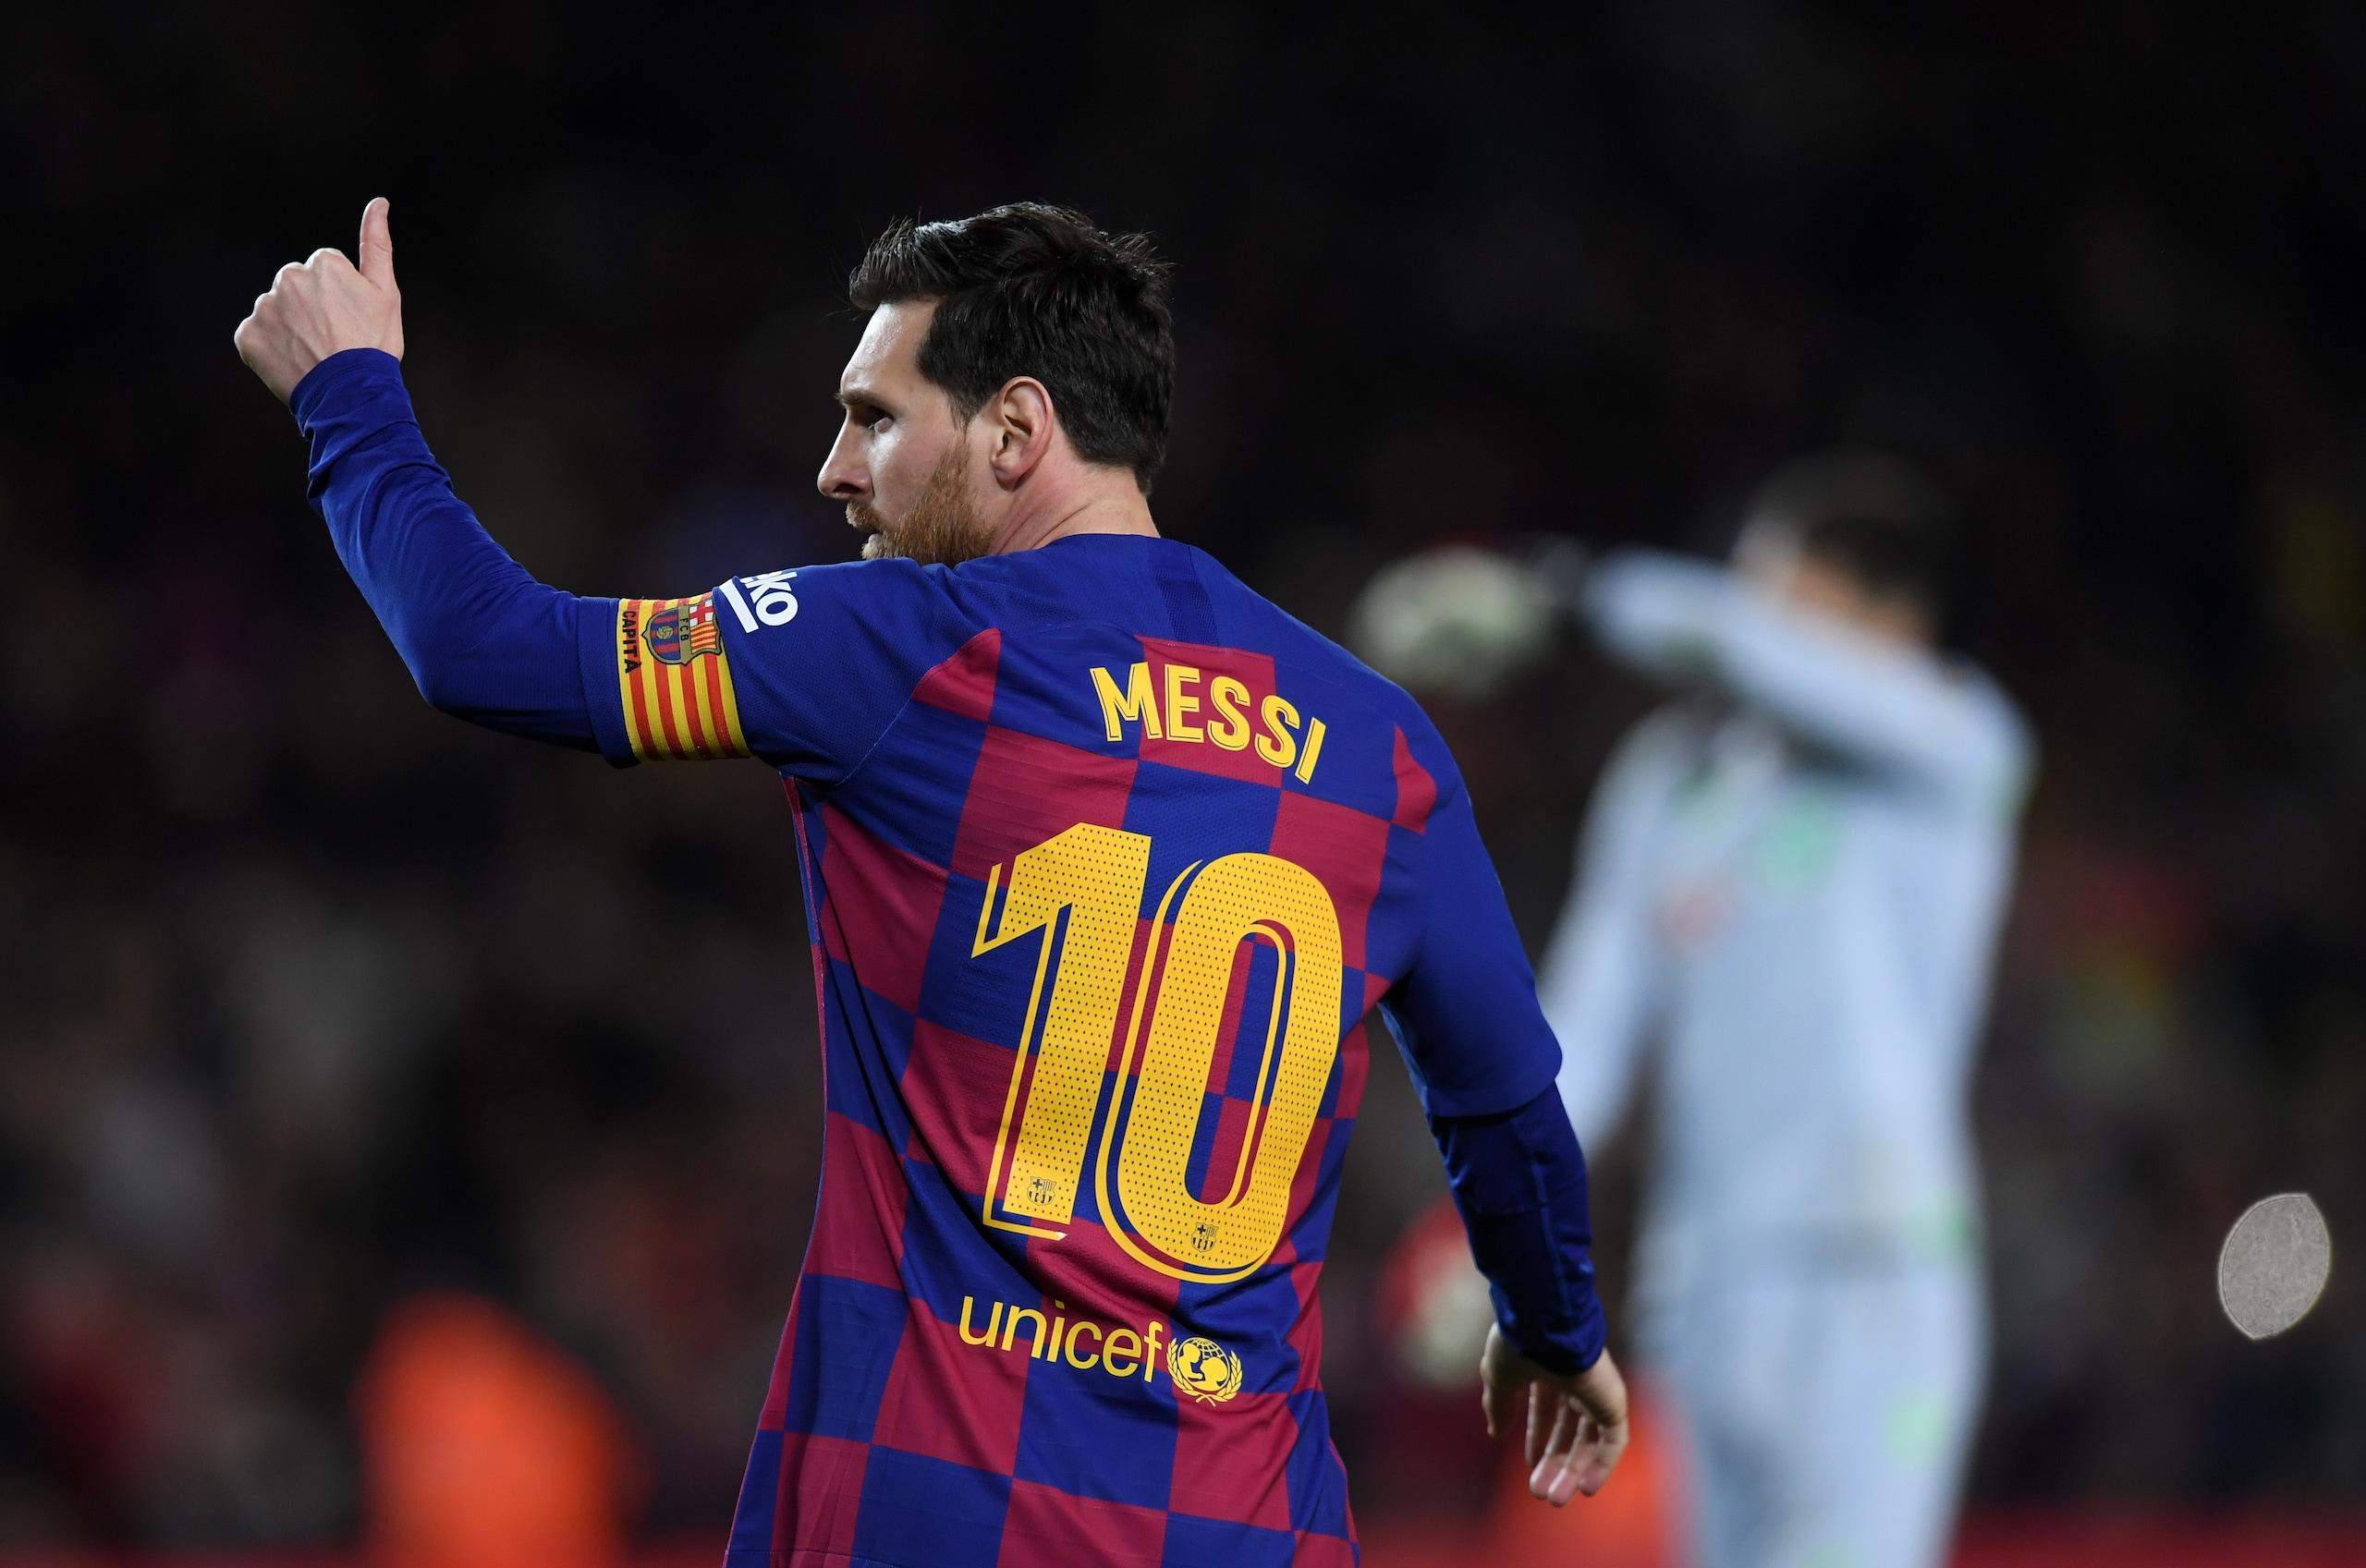 Messi resta al Barcellona, è ufficiale. Ecco le sue parole